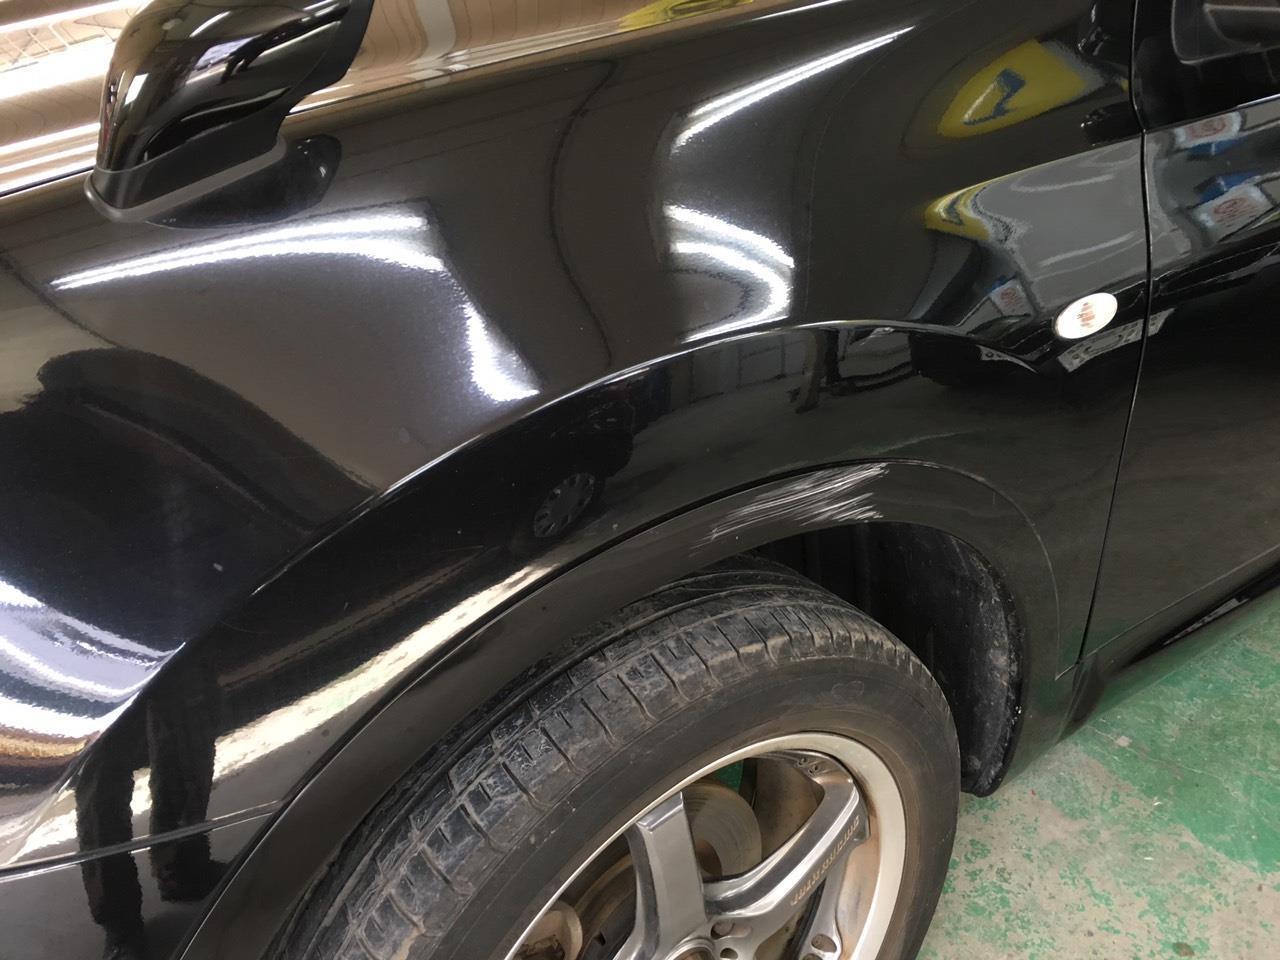 立川市の車の板金塗装修理工場 ガレージローライドの日産 デュアリスの左側面のキズ へこみ の板金 修理 塗装 です。